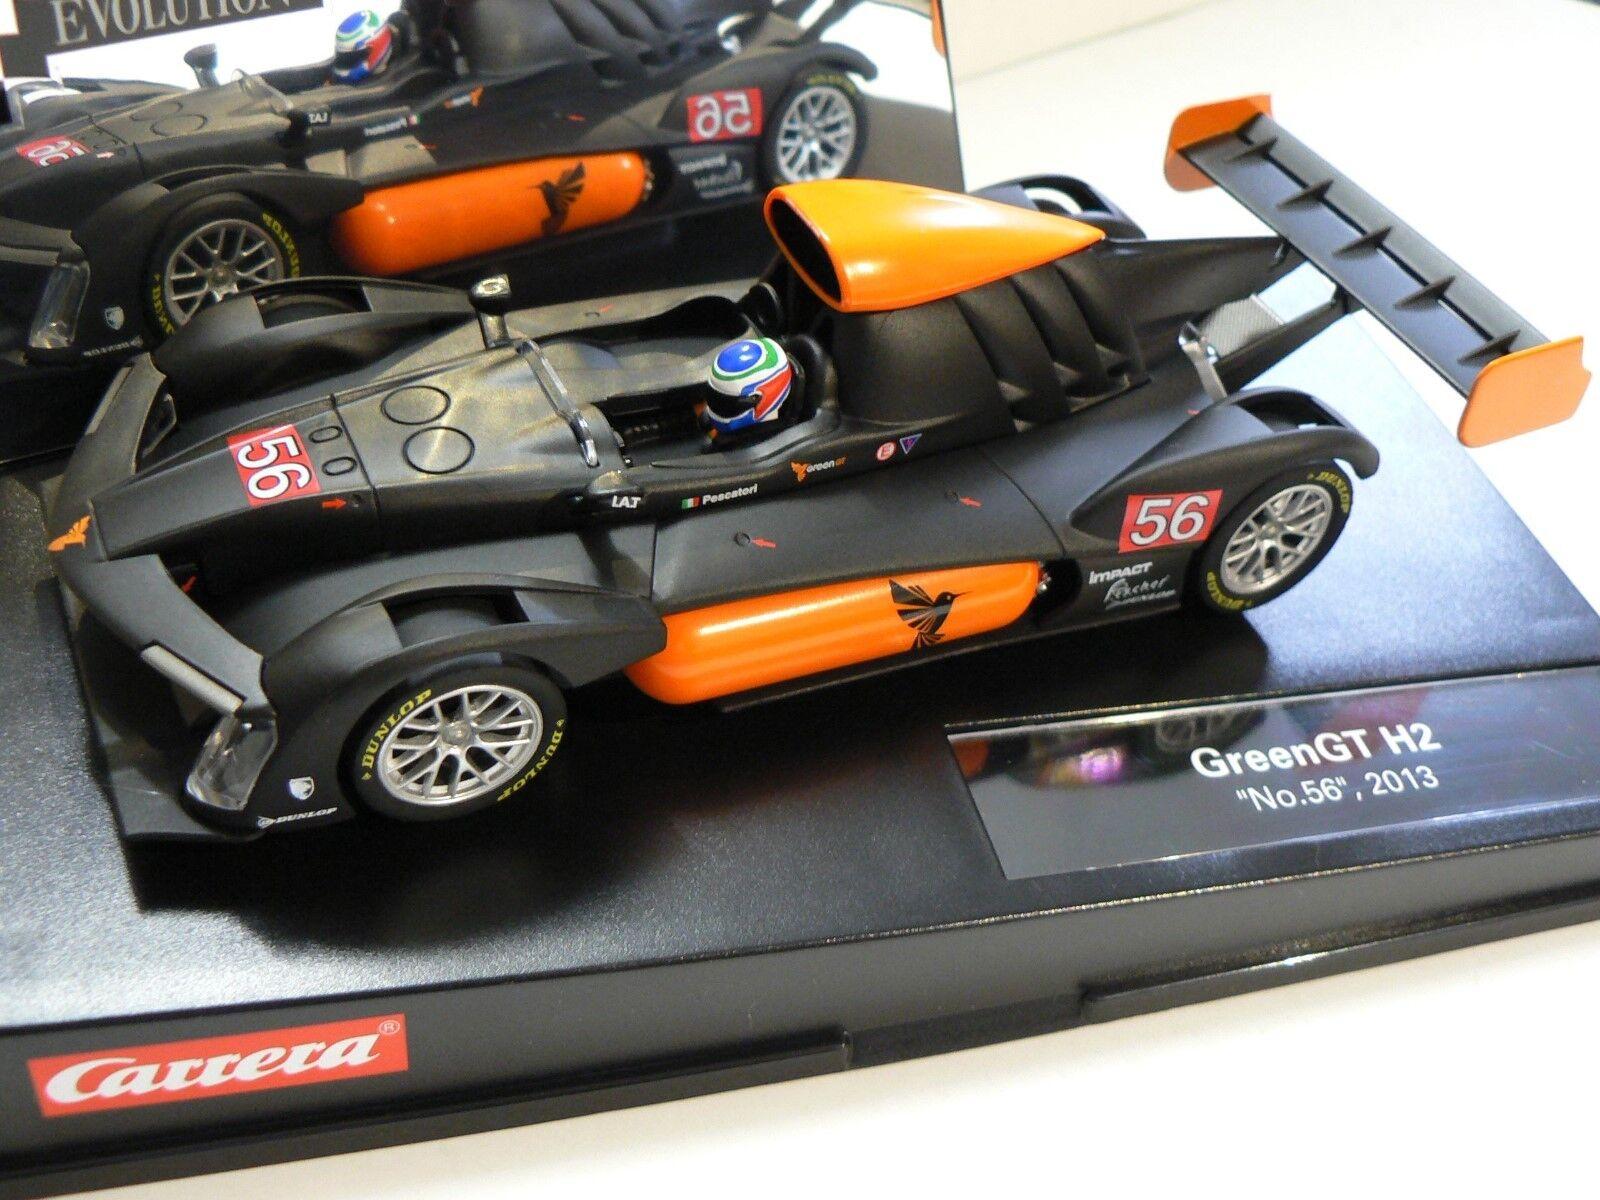 Carrera Evolution 27448 Greengt H2 No. 56 2013 Neu